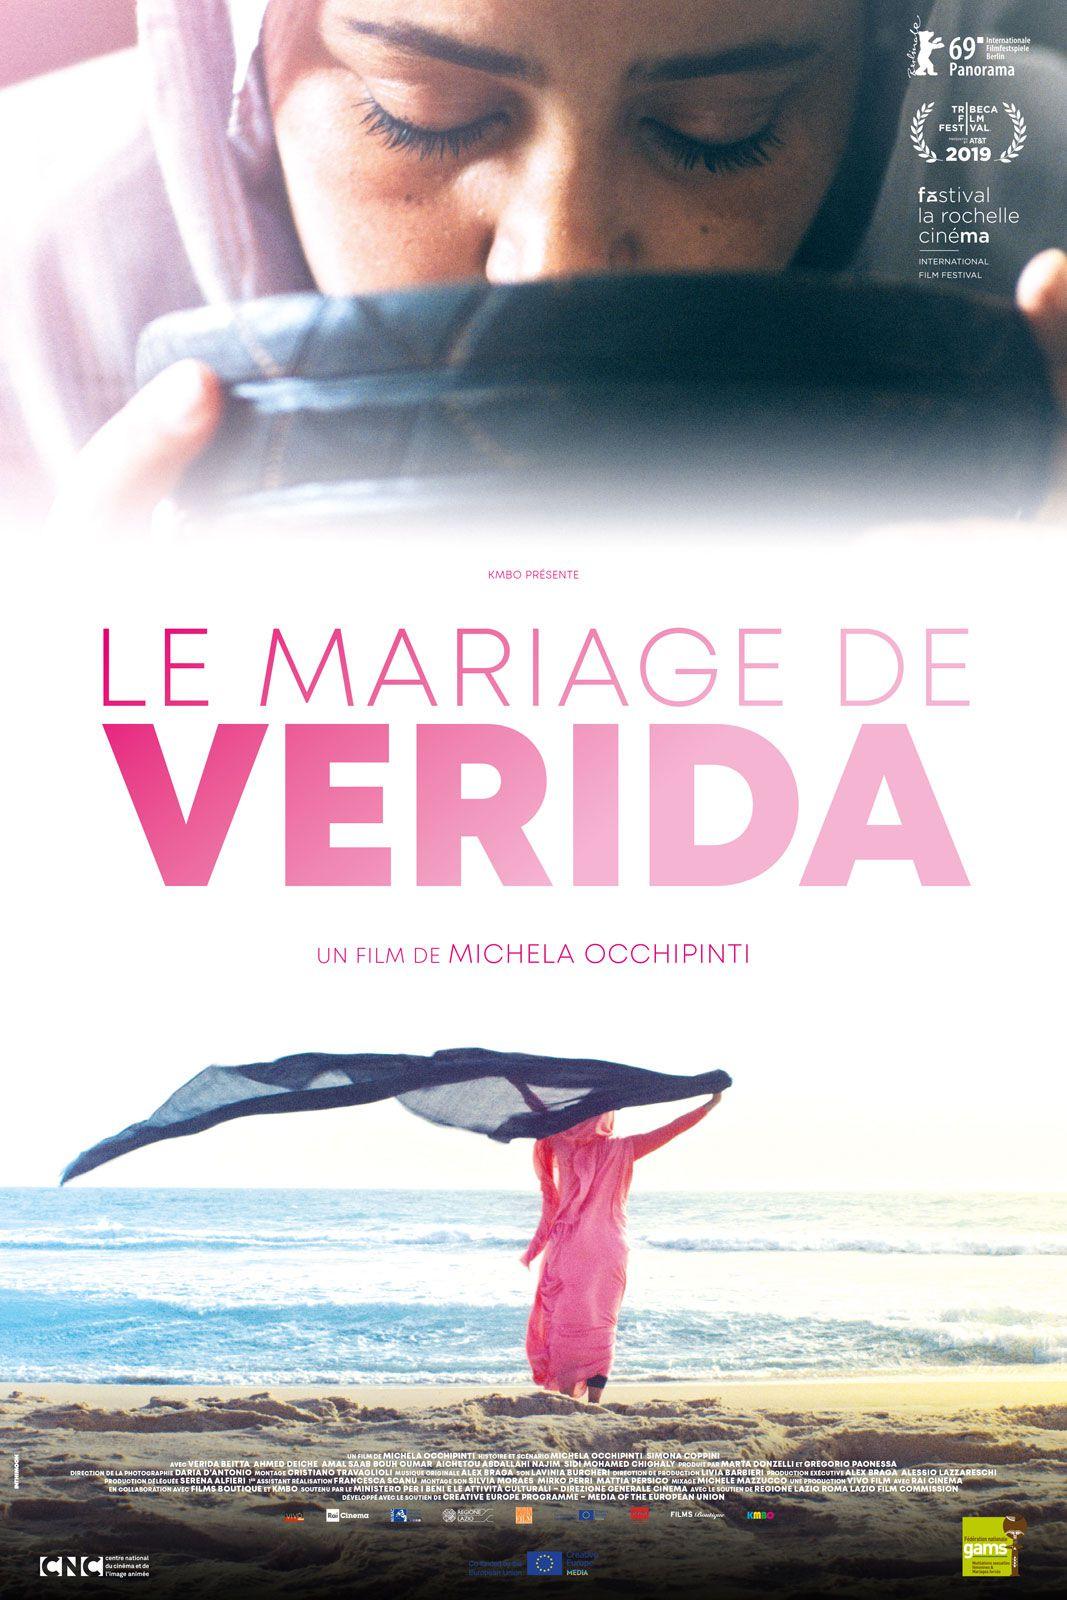 Le Mariage de Verida - Film (2019)